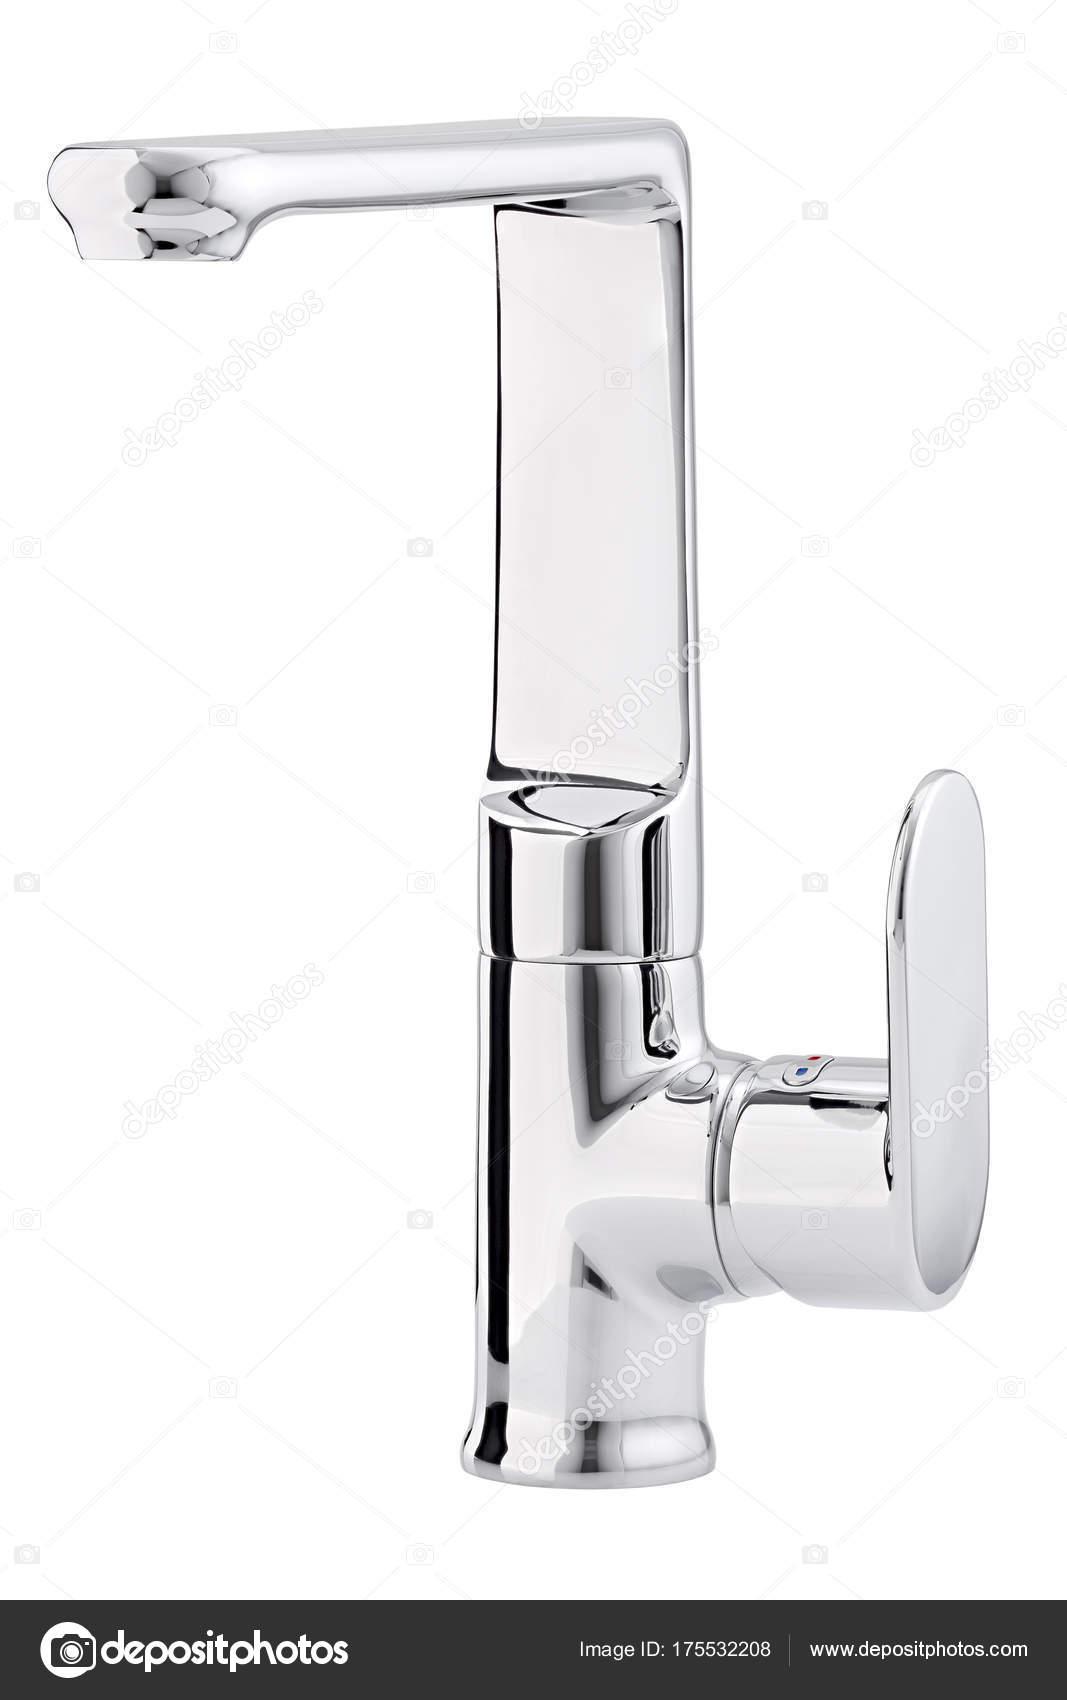 Mezclador de agua caliente frío. Moderno grifo de baño. Grifo de ...